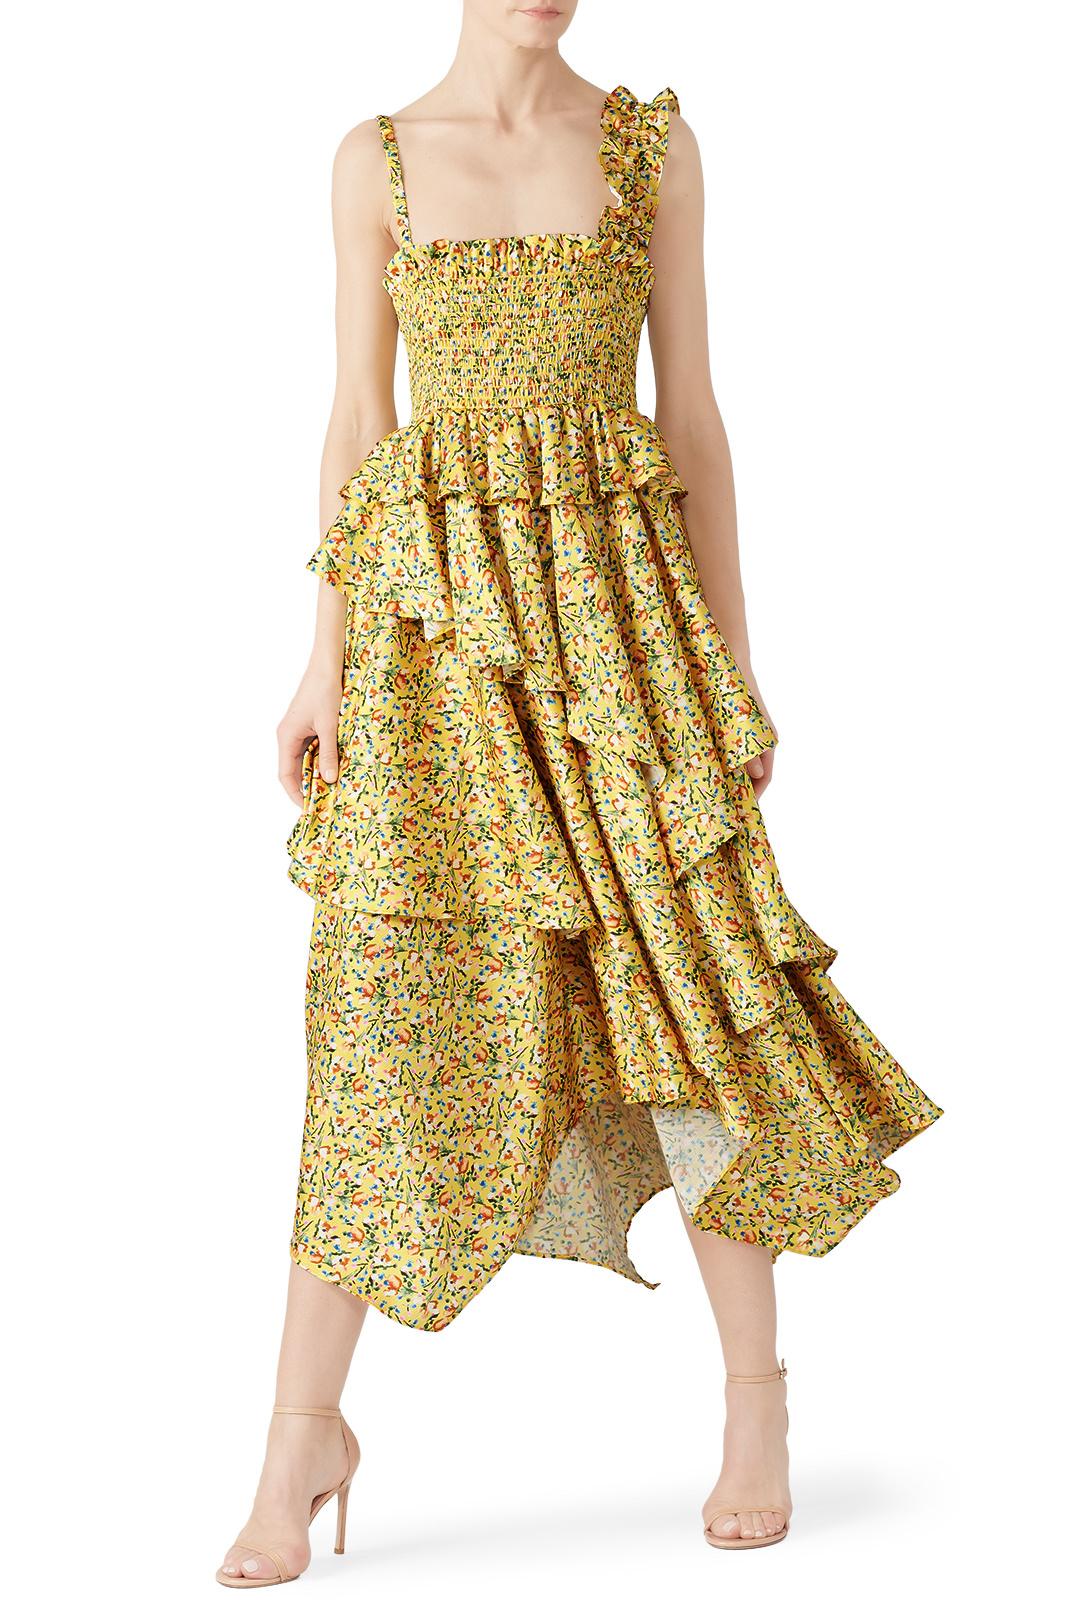 Petersyn - Alcott Midi Dress